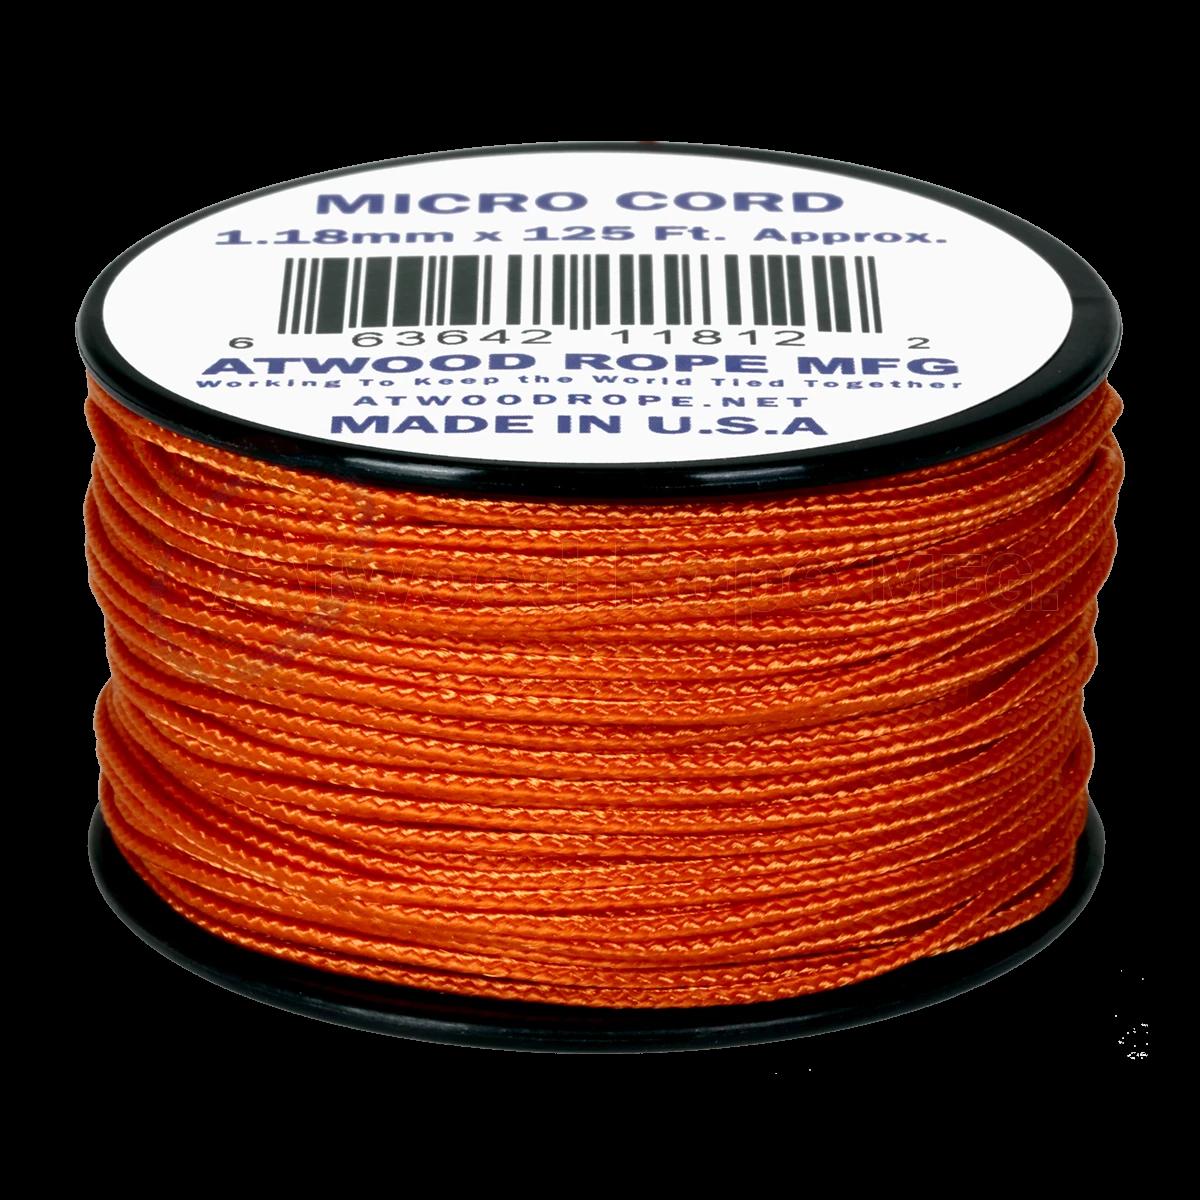 Dây Micro Cord 1.18mm – 100ft – Brunt Orange